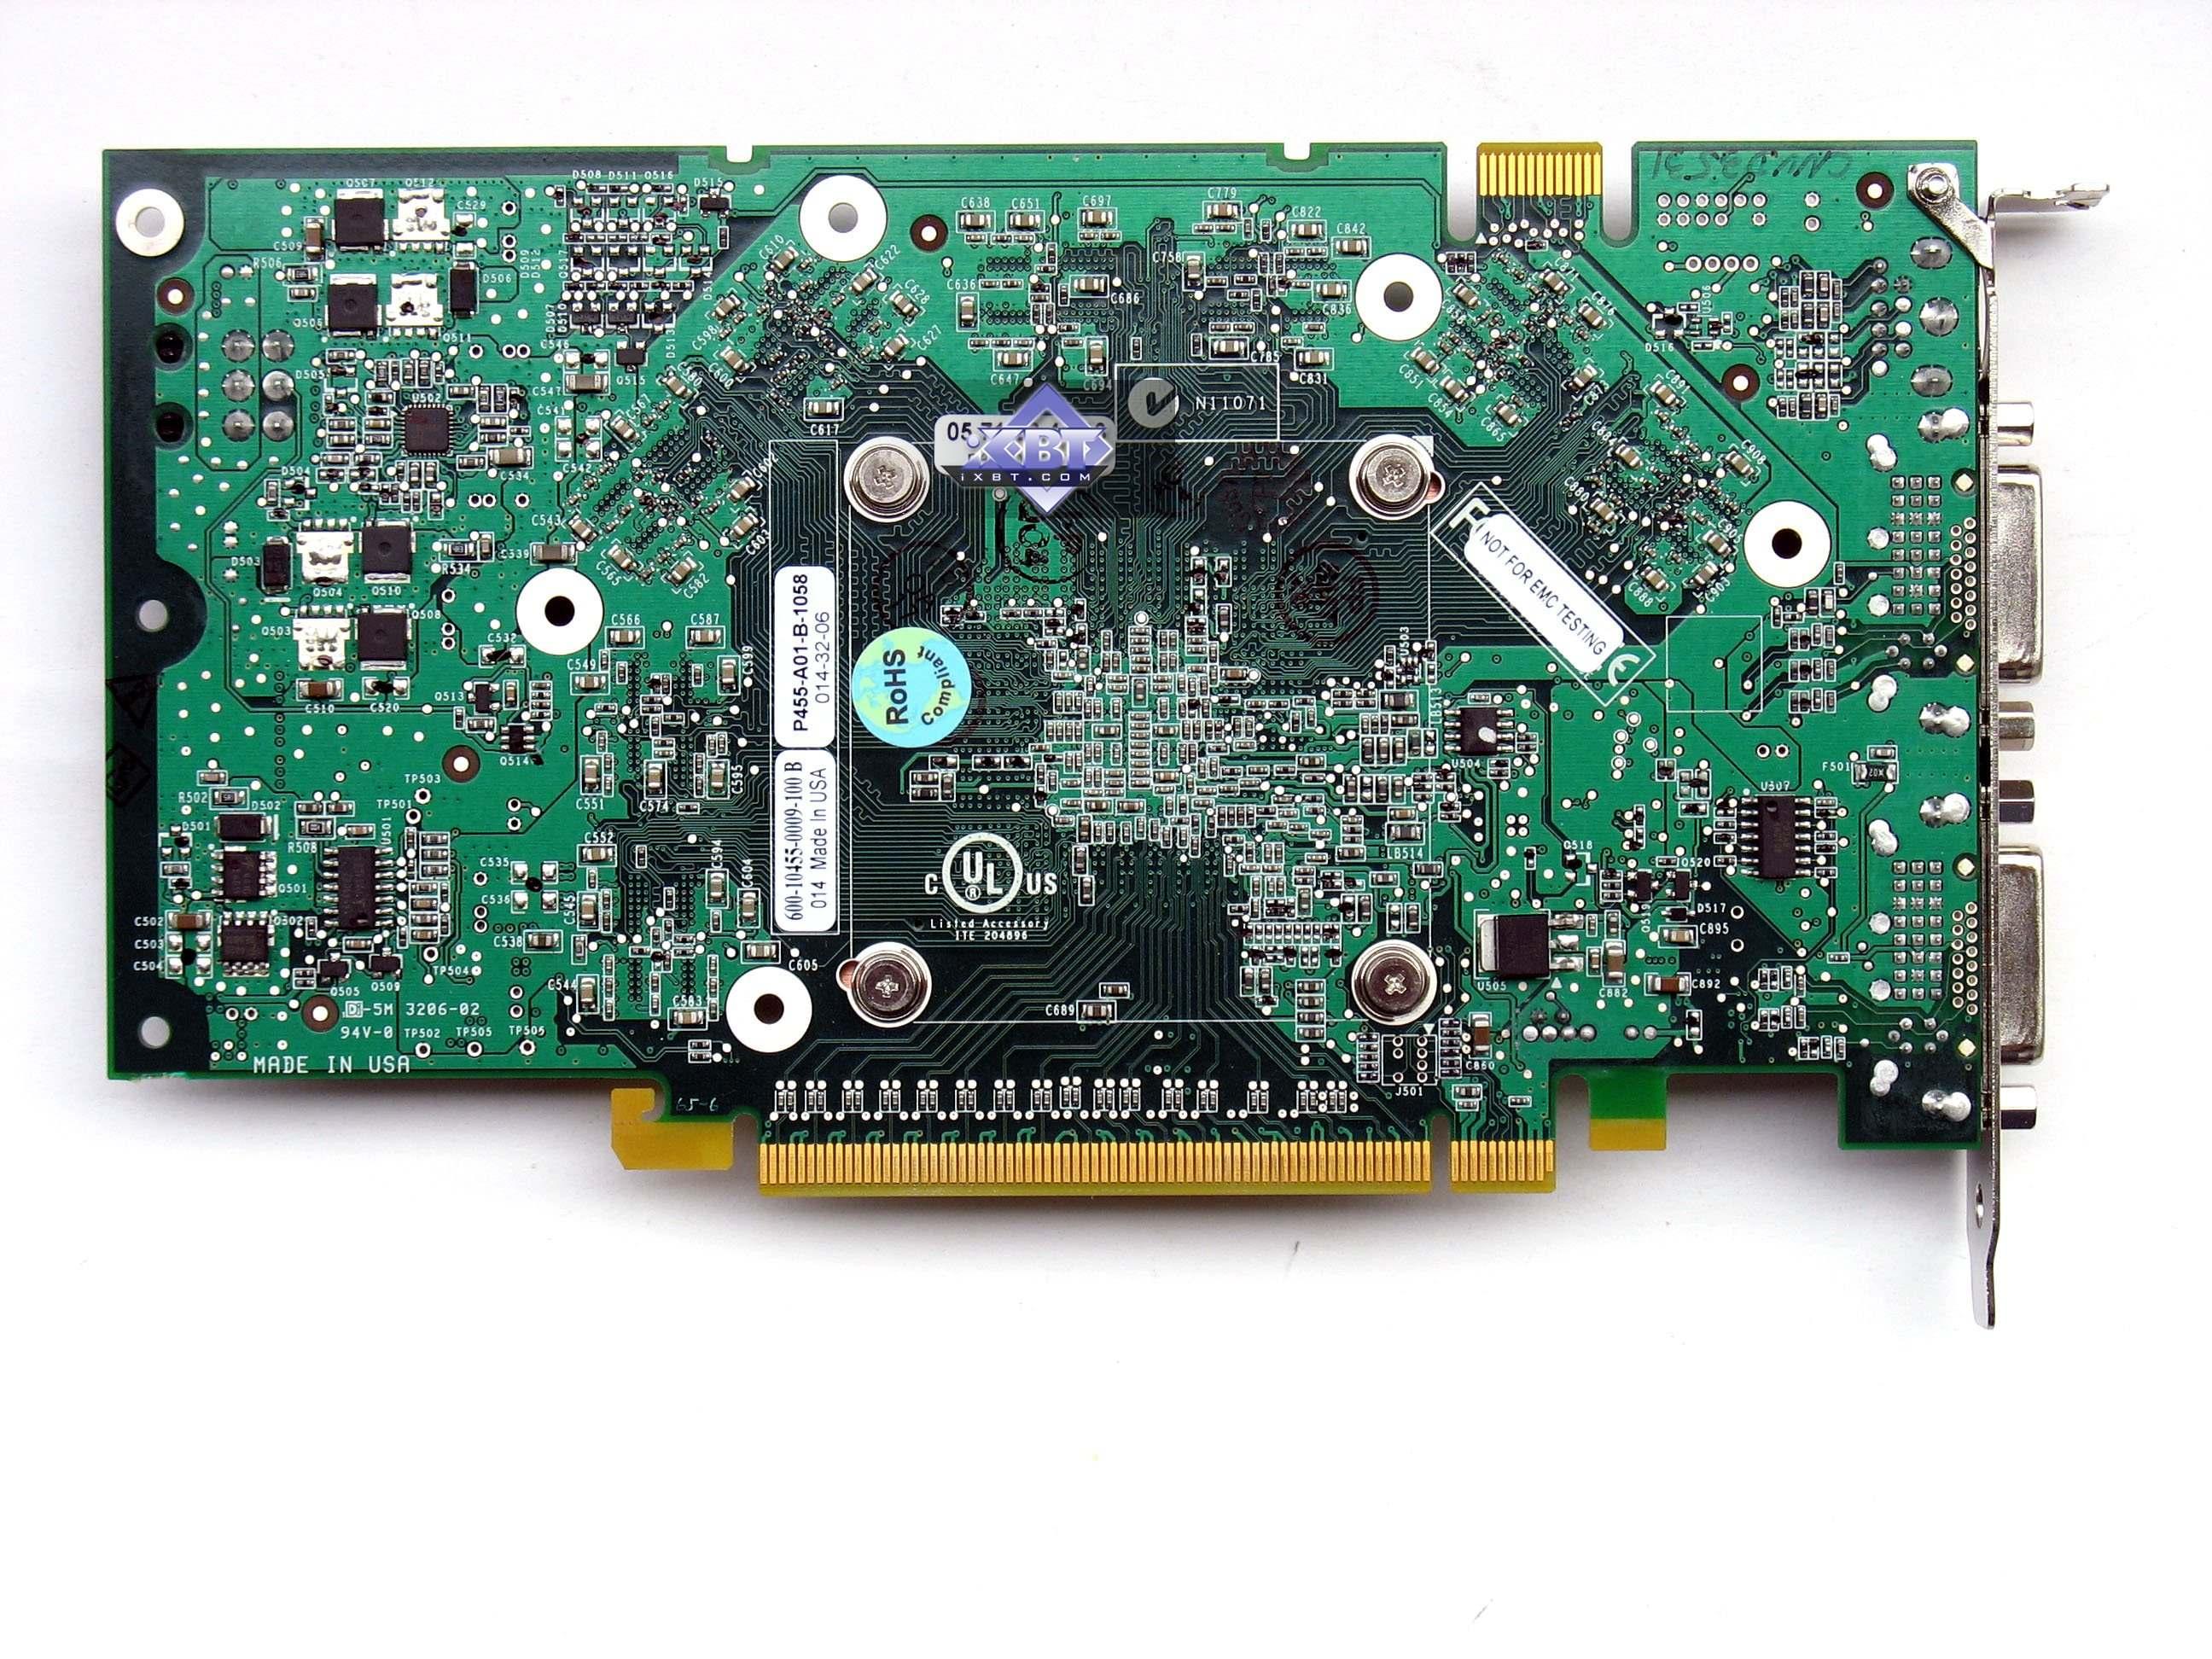 Geforcetm go 7900gtx купить видеокарту видео 300 майнерс зомби апокалипсис